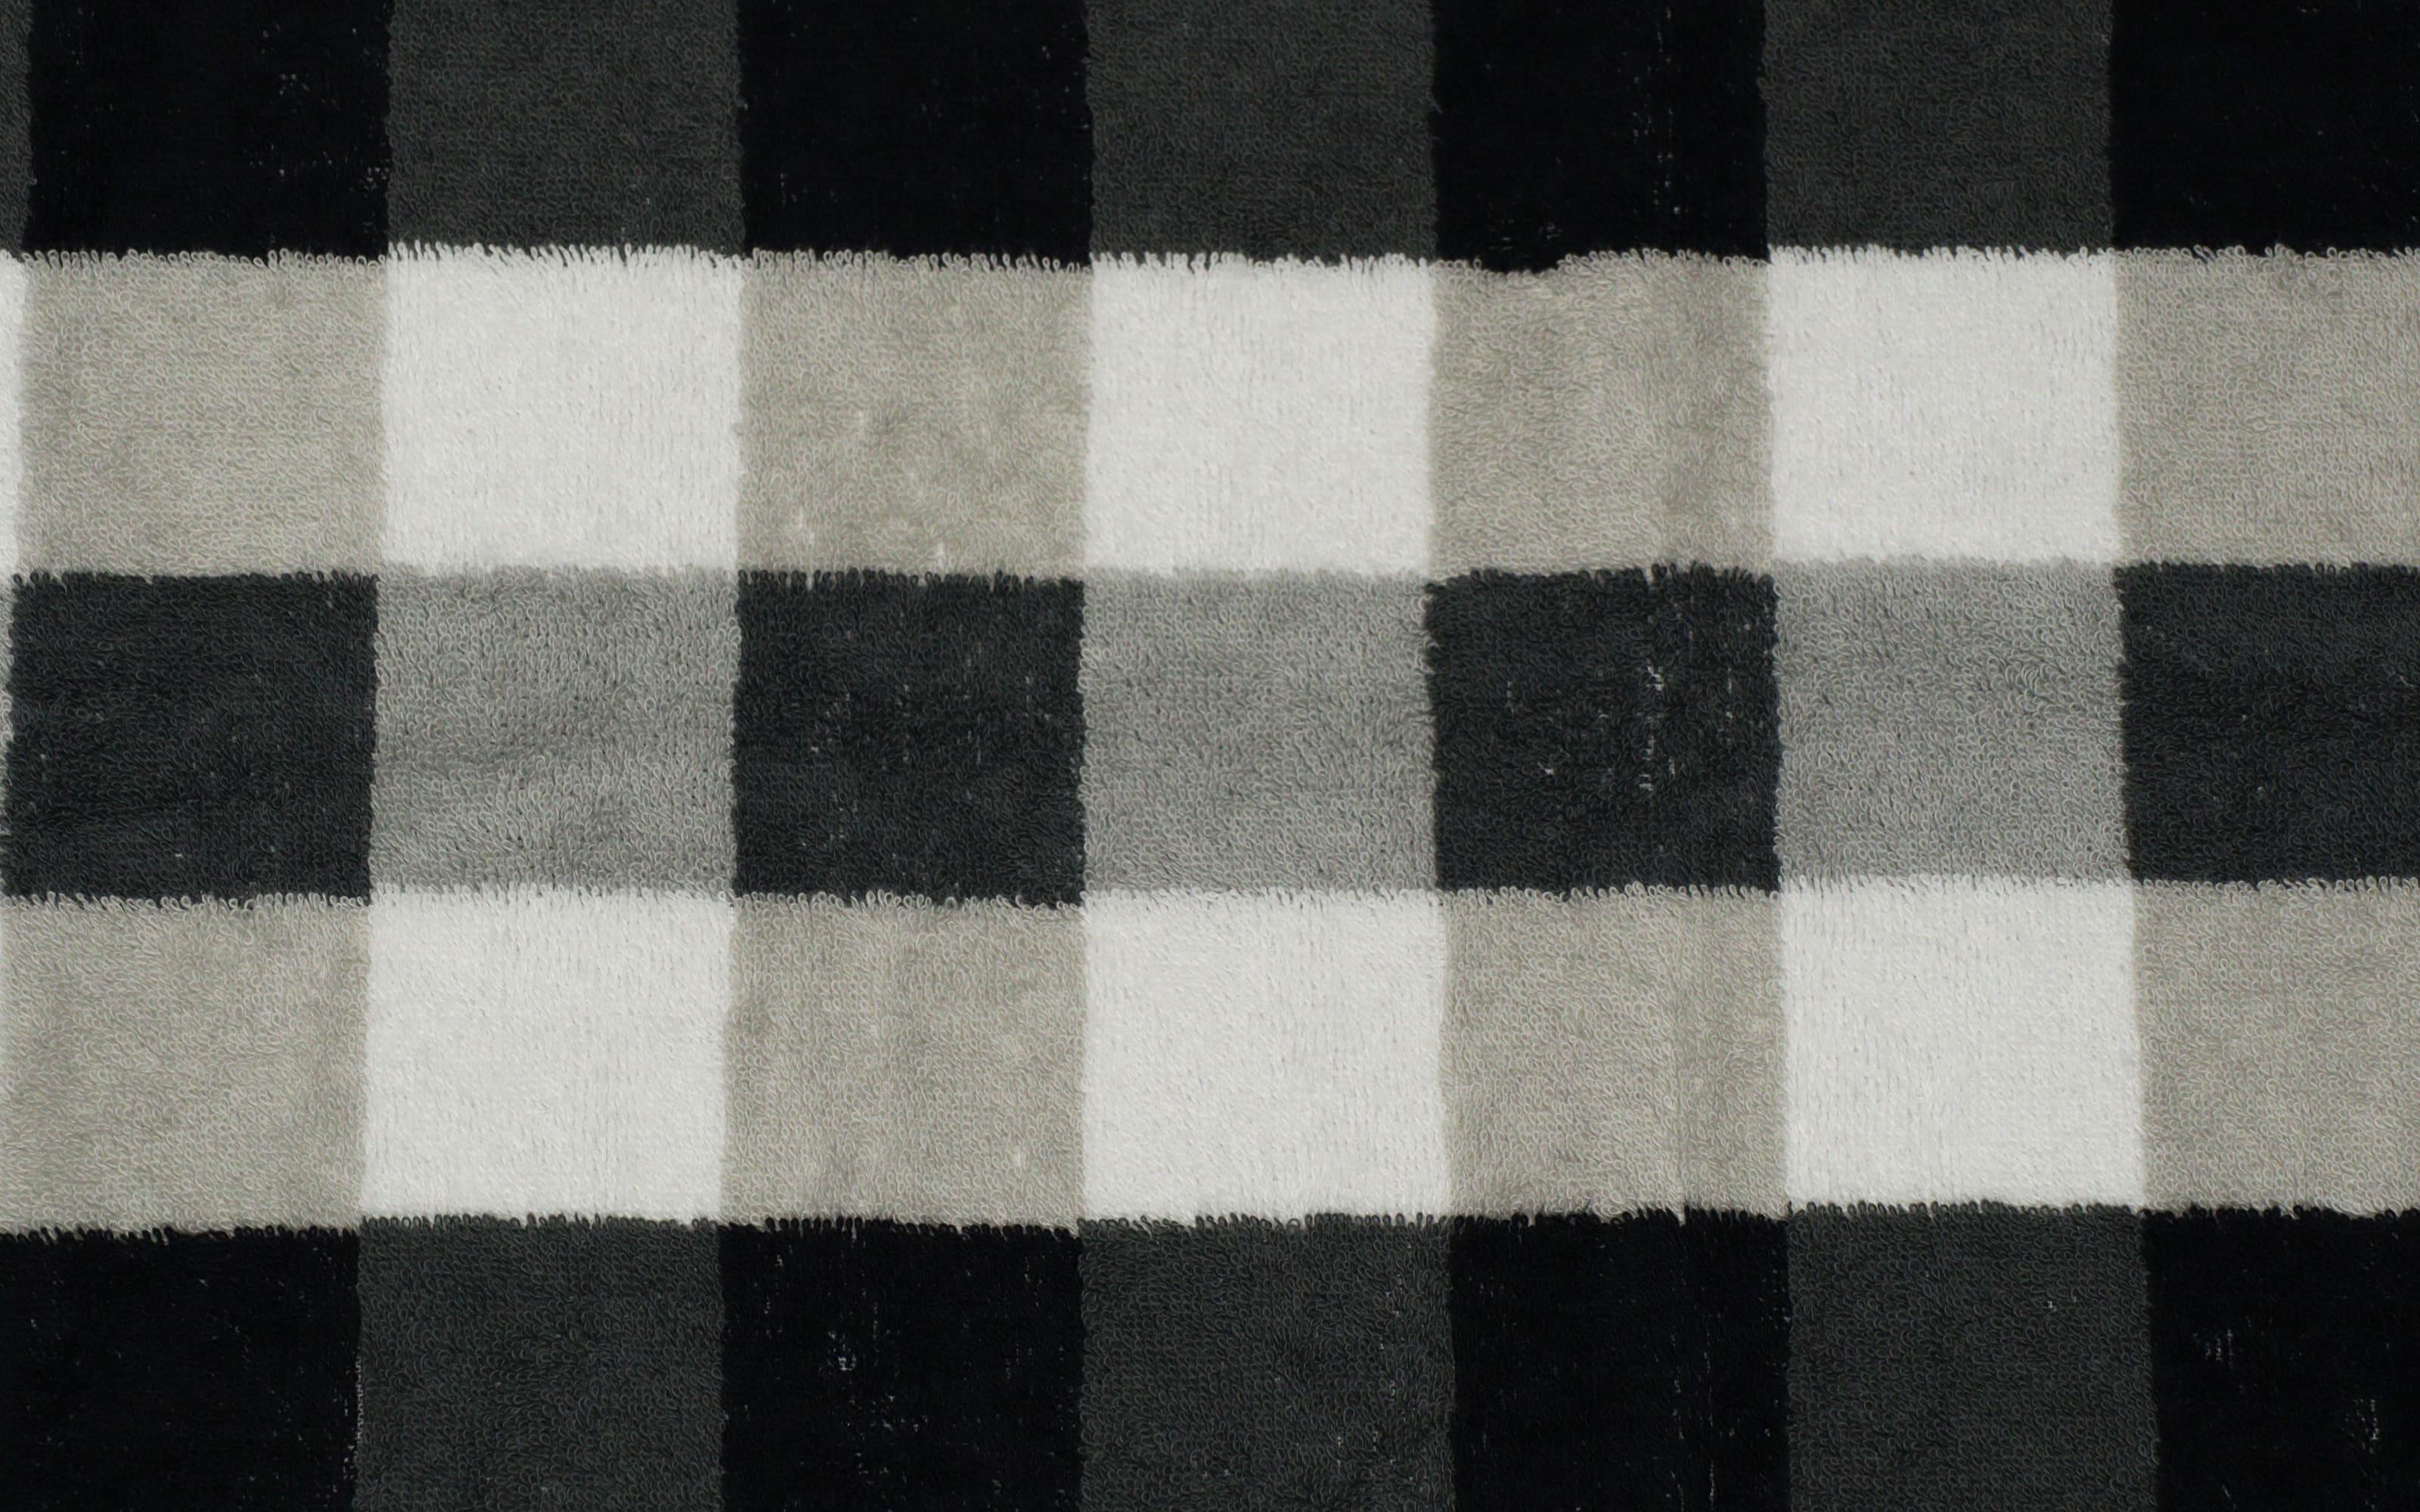 Duschtuch Karo in schwarz/weiss/grau, 70 x 140 cm